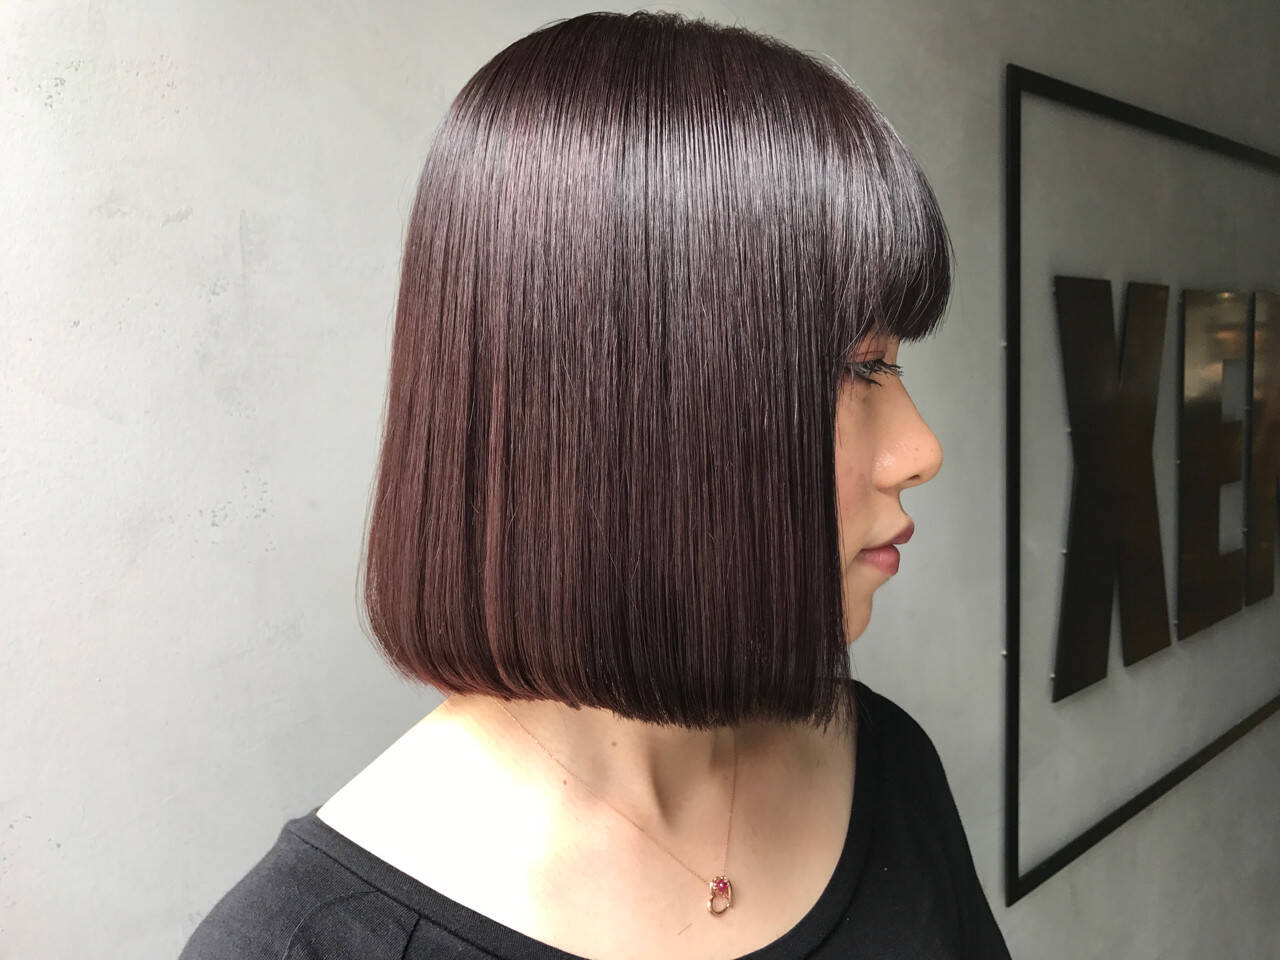 ワンレングス 切りっぱなし 暗髪 ボブヘアスタイルや髪型の写真・画像